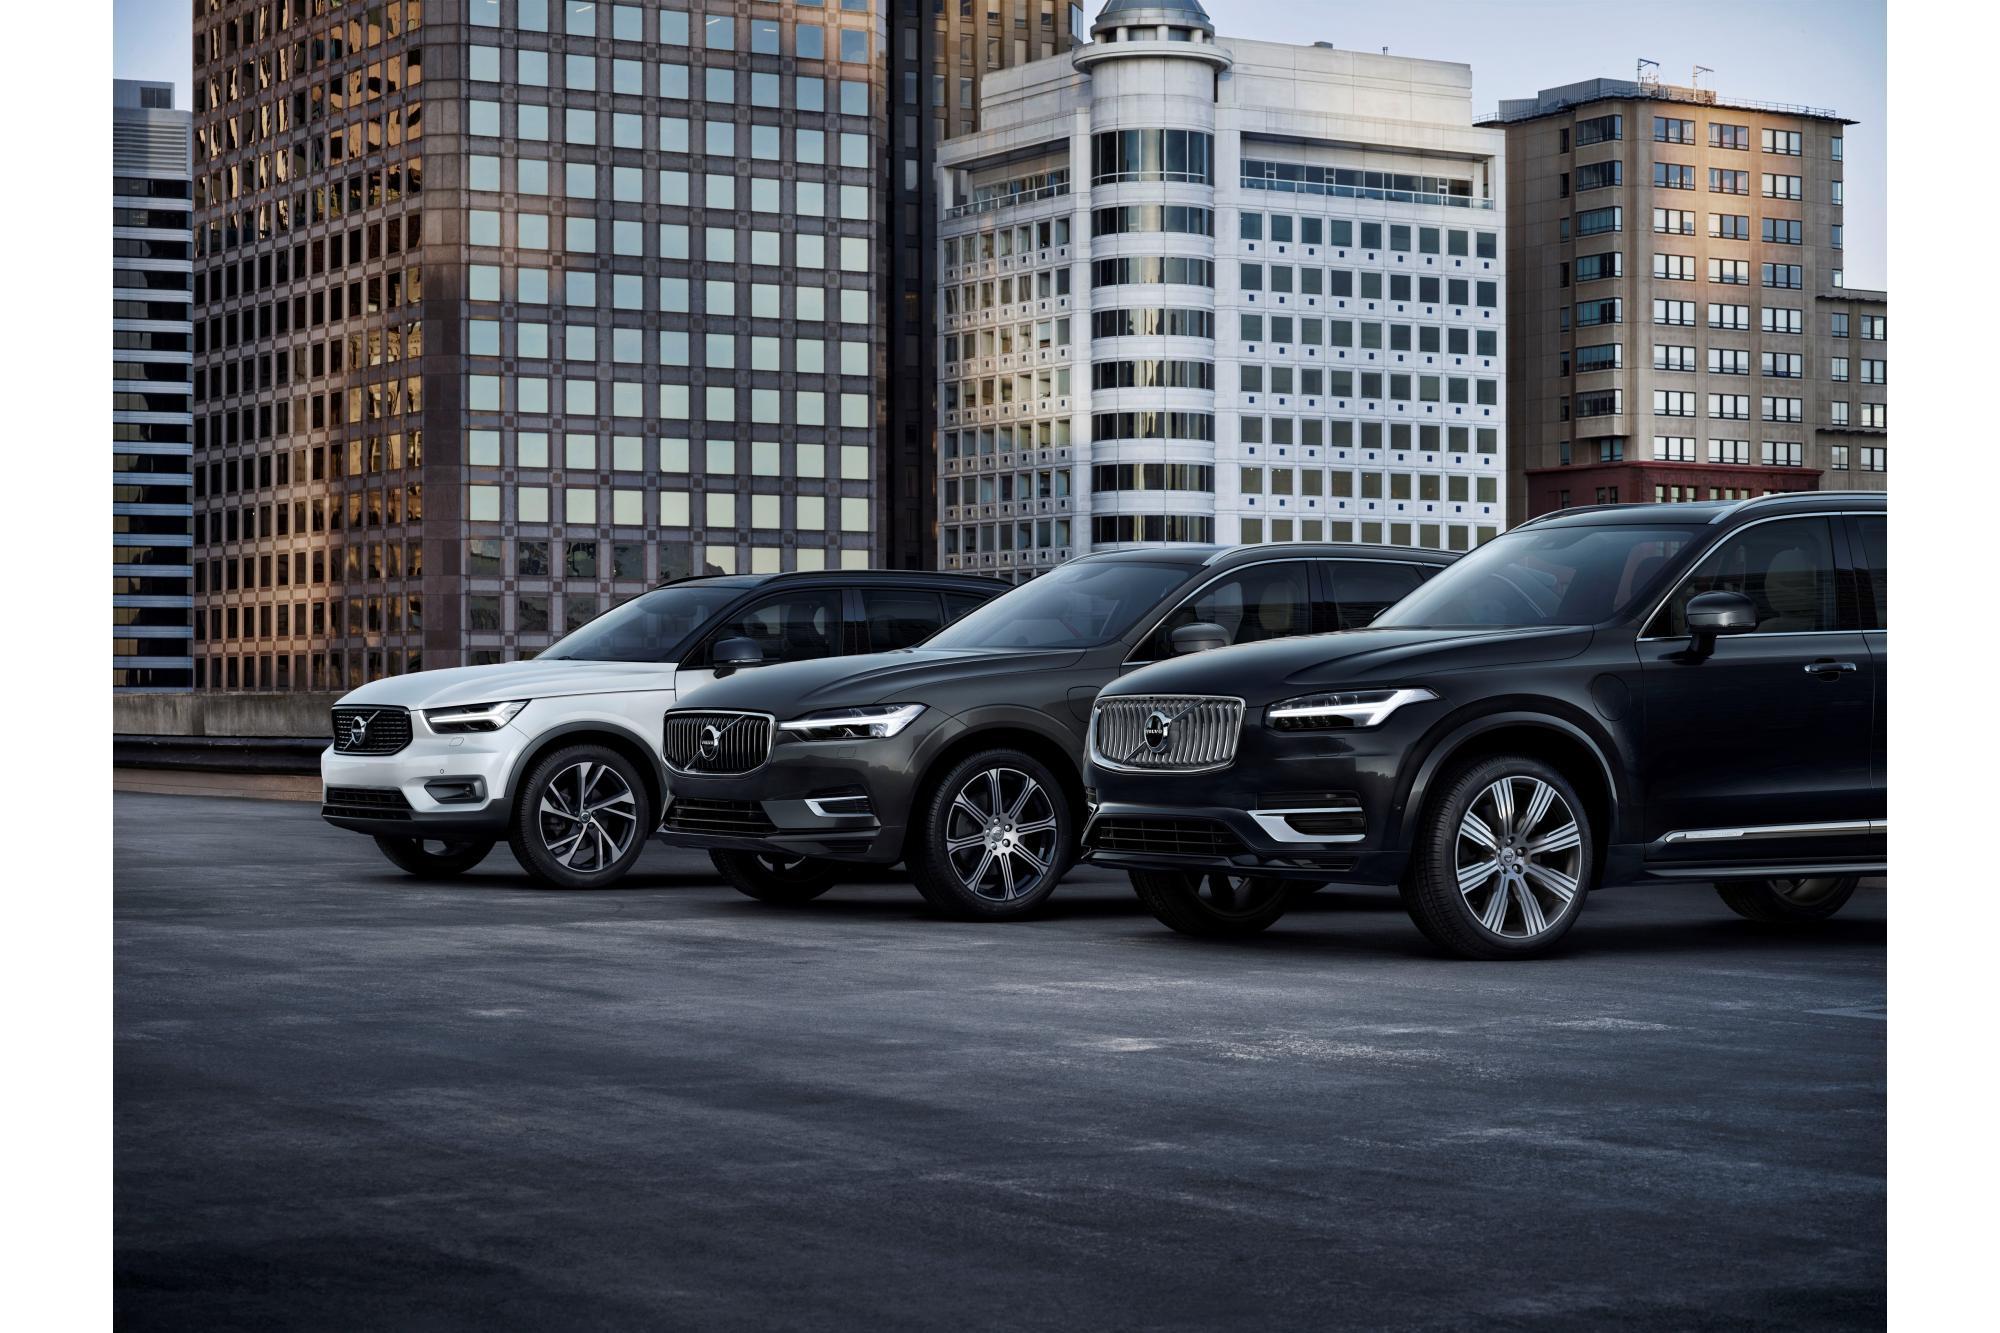 2019: Έκτη συνεχής χρονιά ρεκόρ για τη Volvo με αιχμή την πολυβραβευμένη γκάμα των SUV της